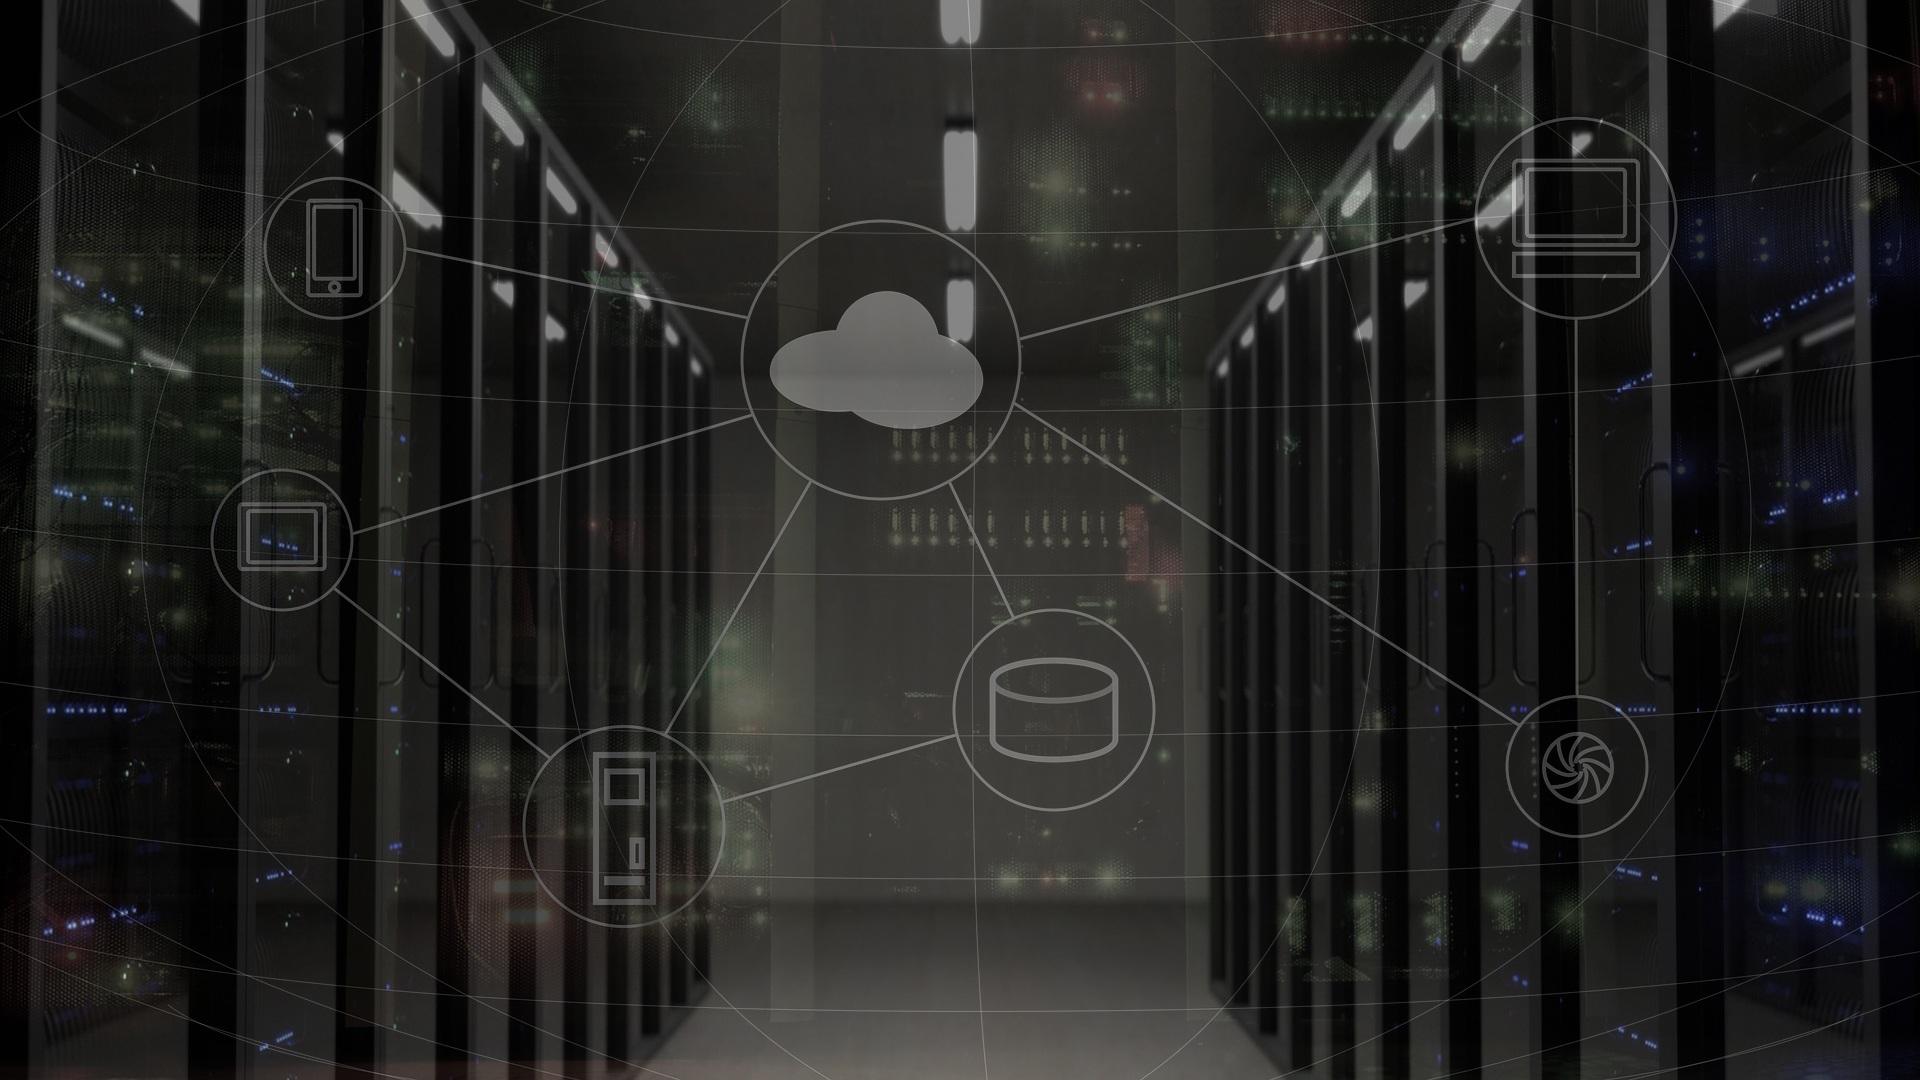 Операторы облачных вычислений, в акции которых стоит вложиться